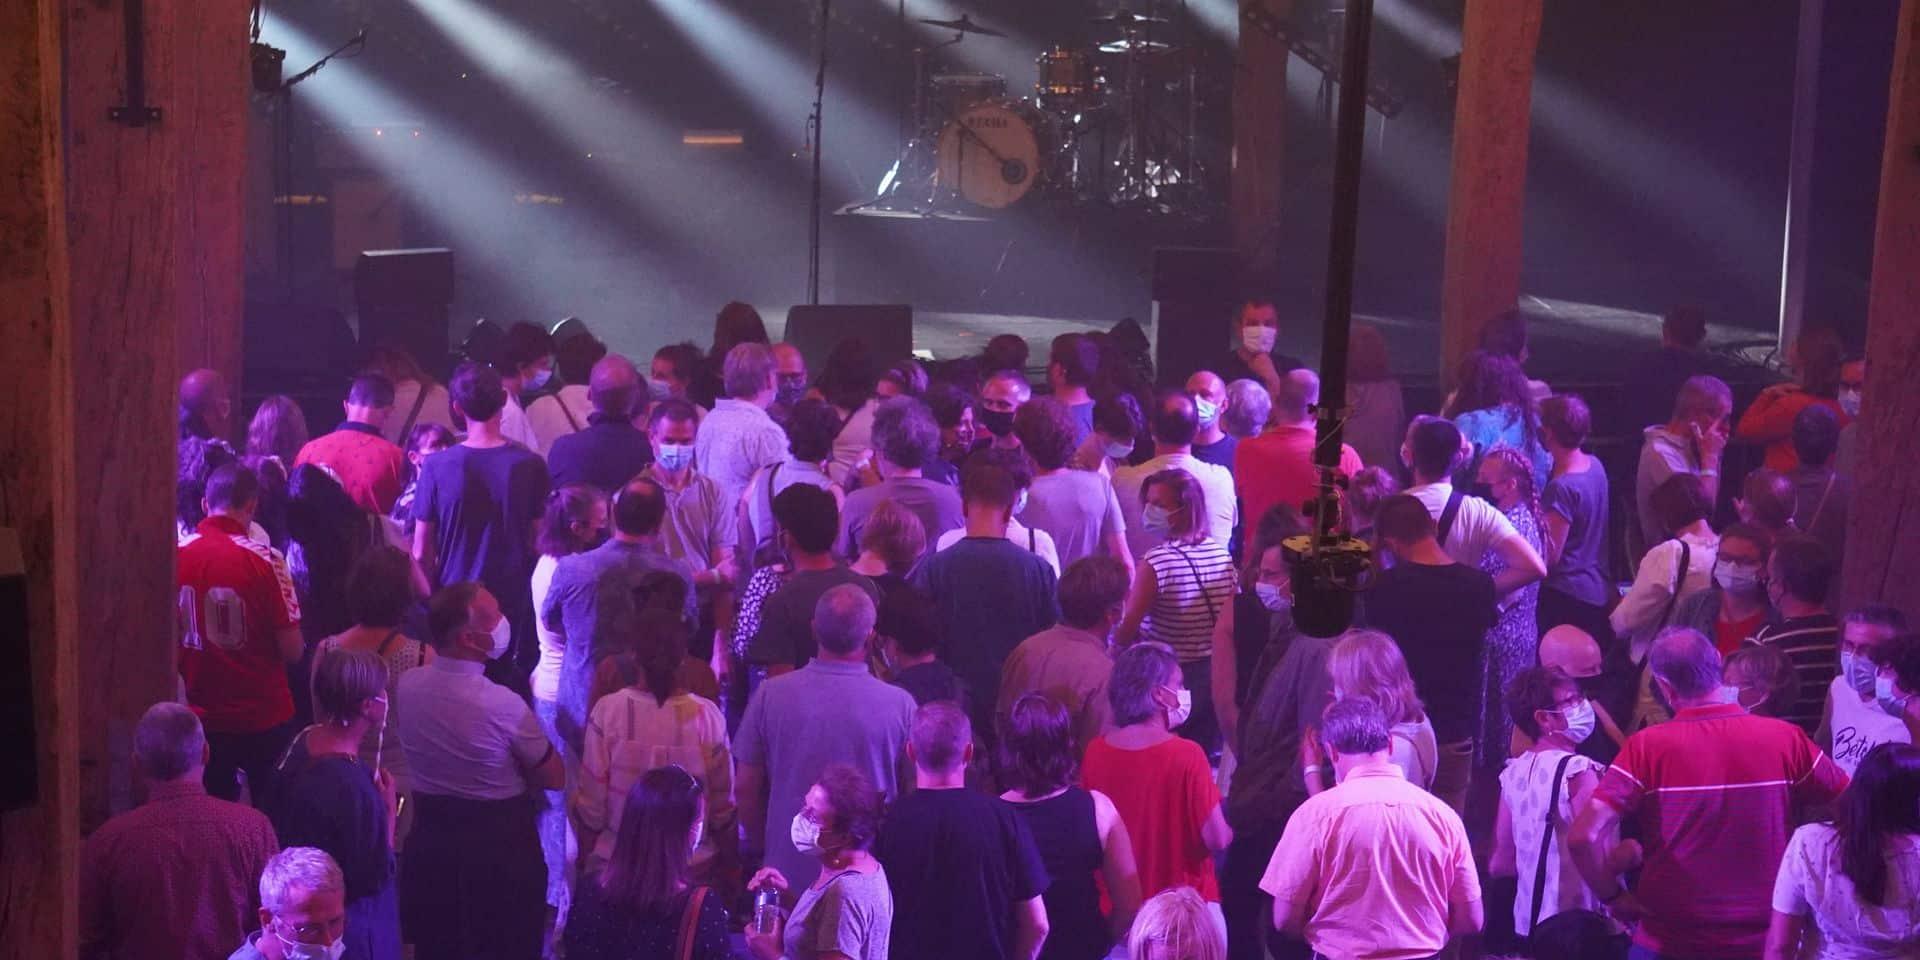 """Aucun cas positif au concert test de Saule à Louvain-la-Neuve: """"Les lieux culturels sont sûrs"""""""